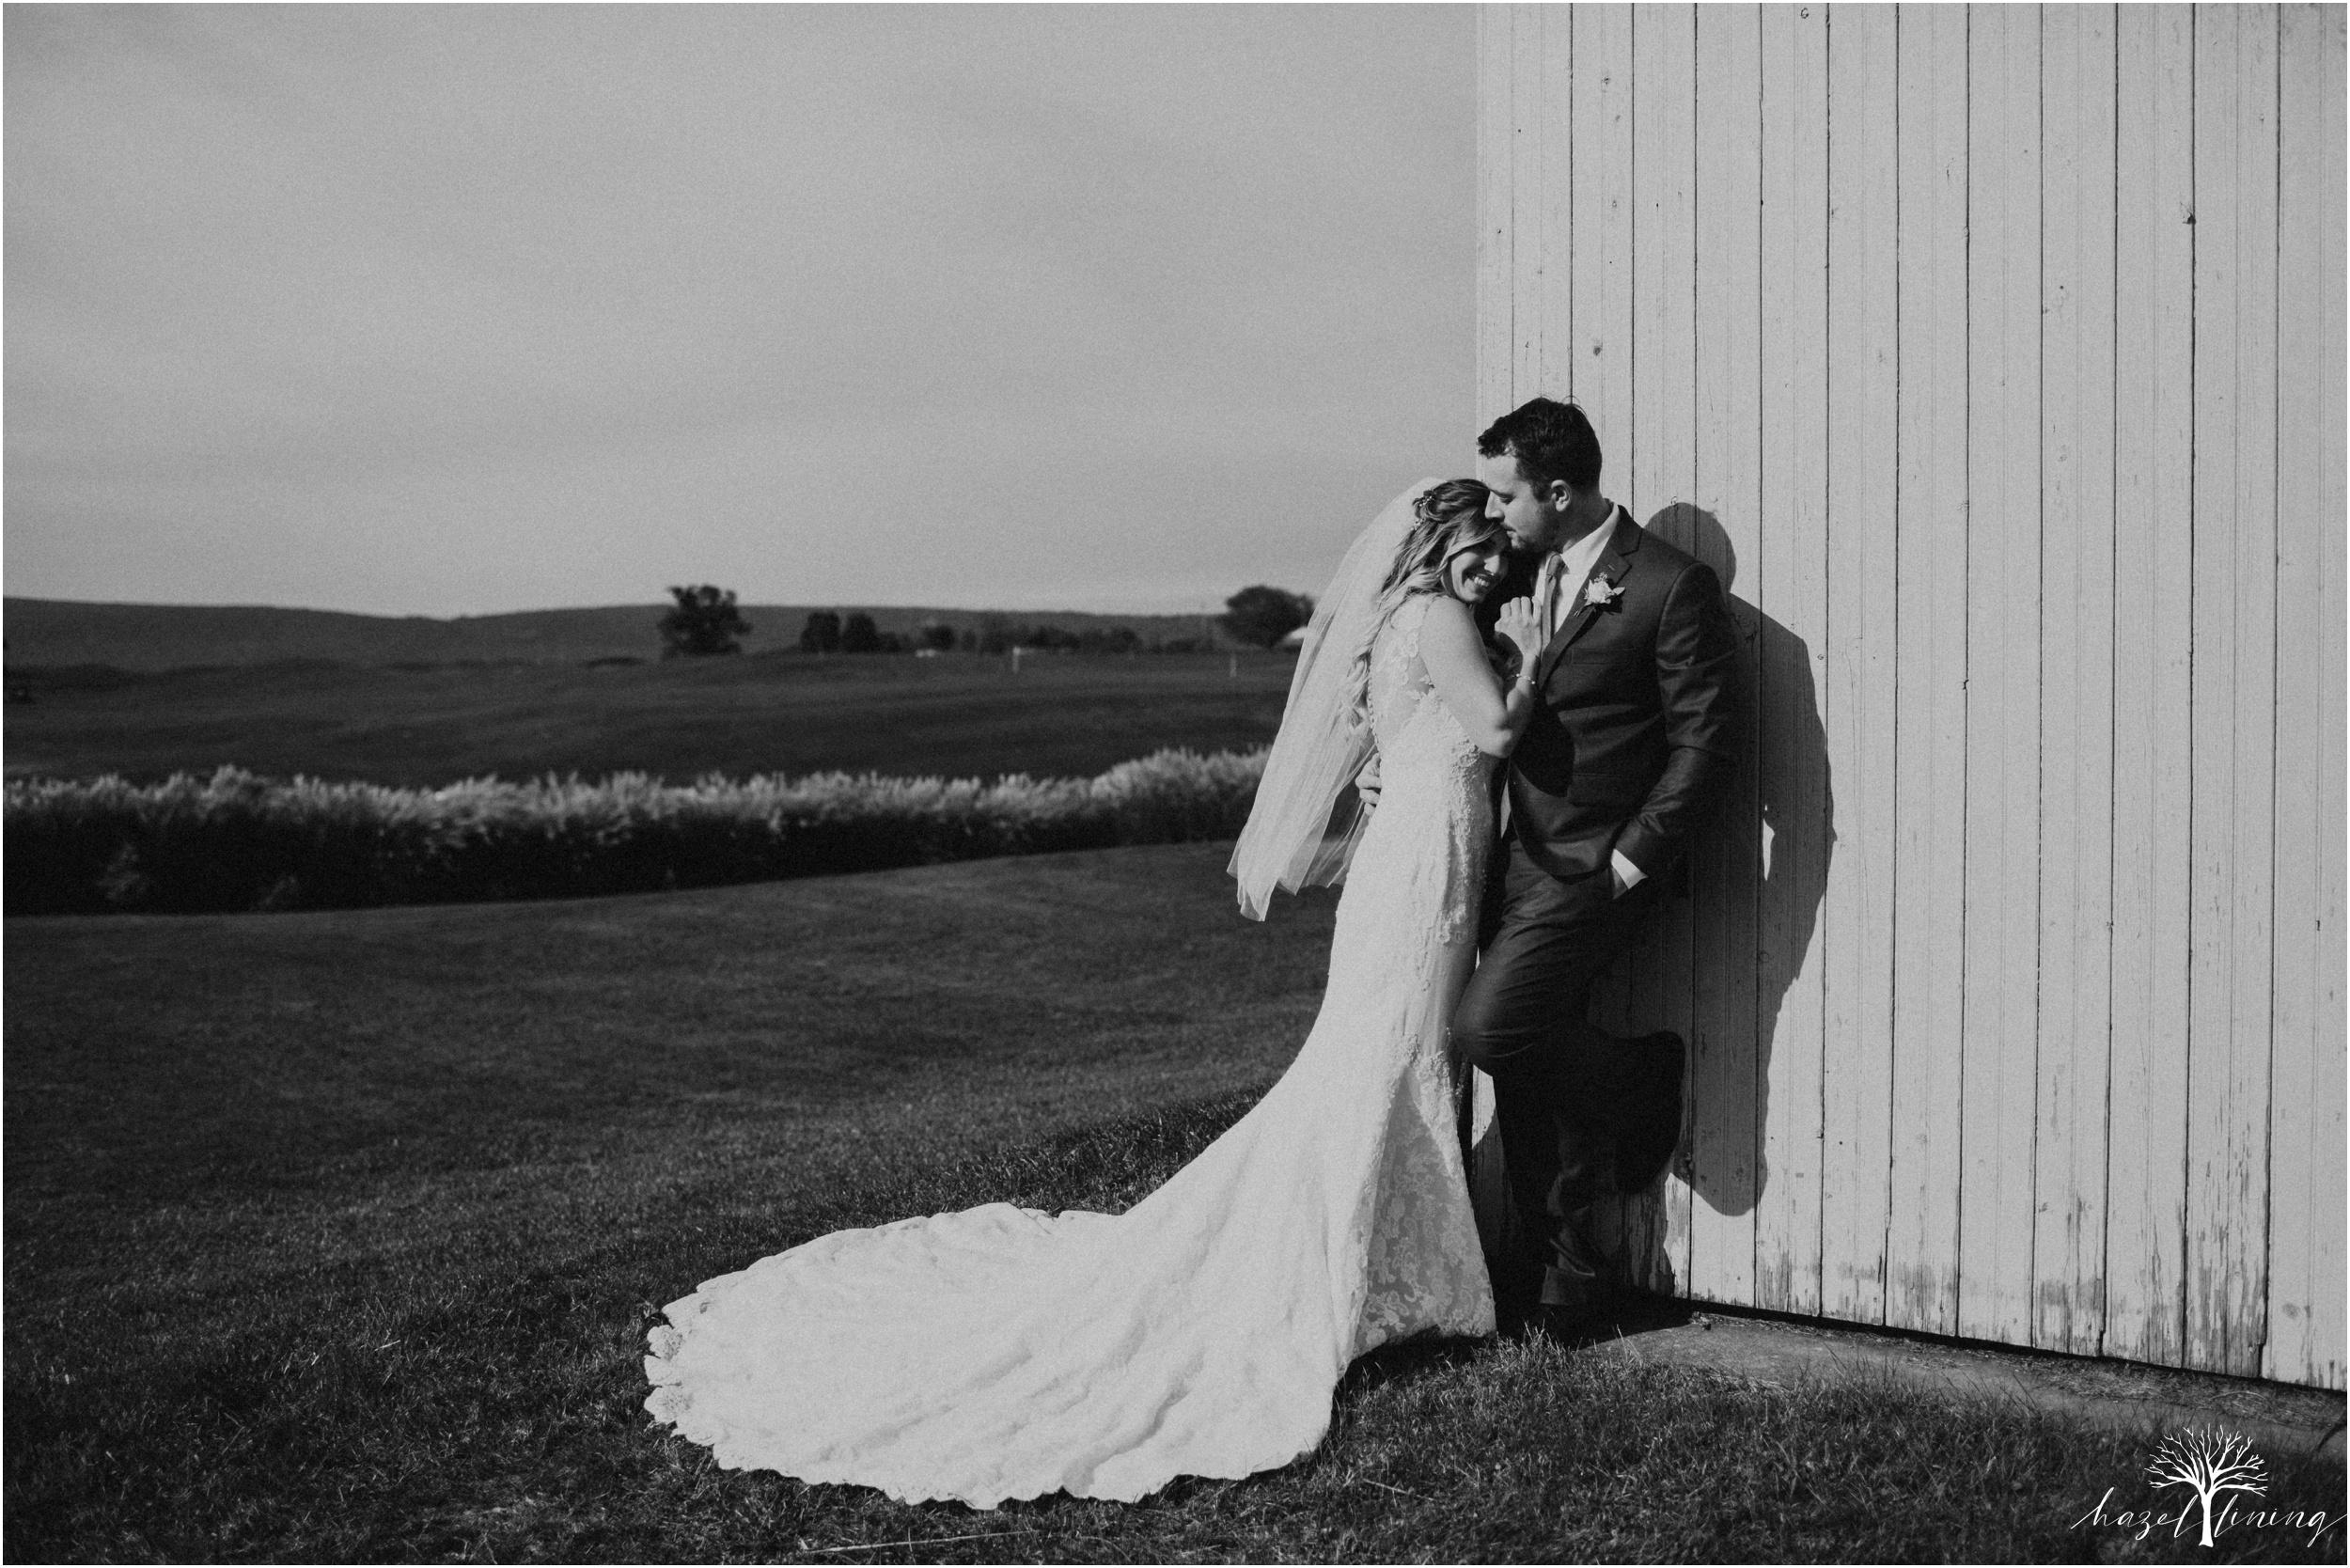 jessie-martin-zach-umlauf-olde-homestead-golfclub-outdoor-autumn-wedding_0044.jpg